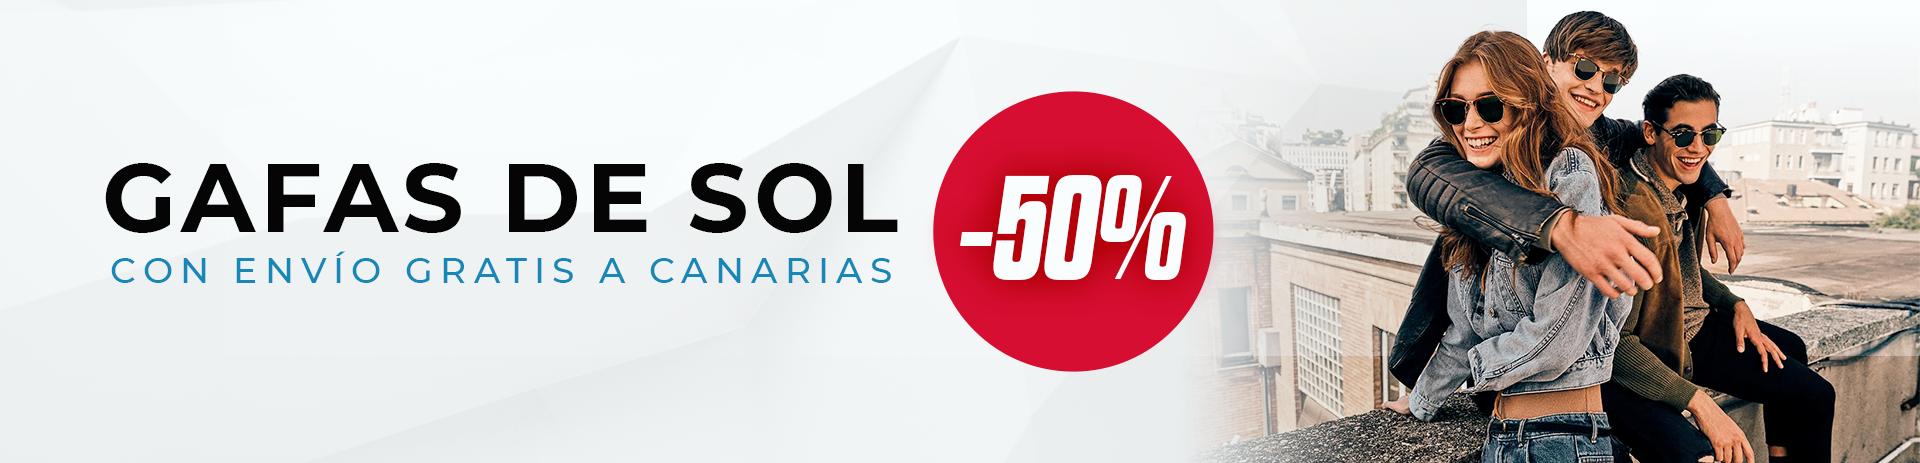 Gafas de sol -50%